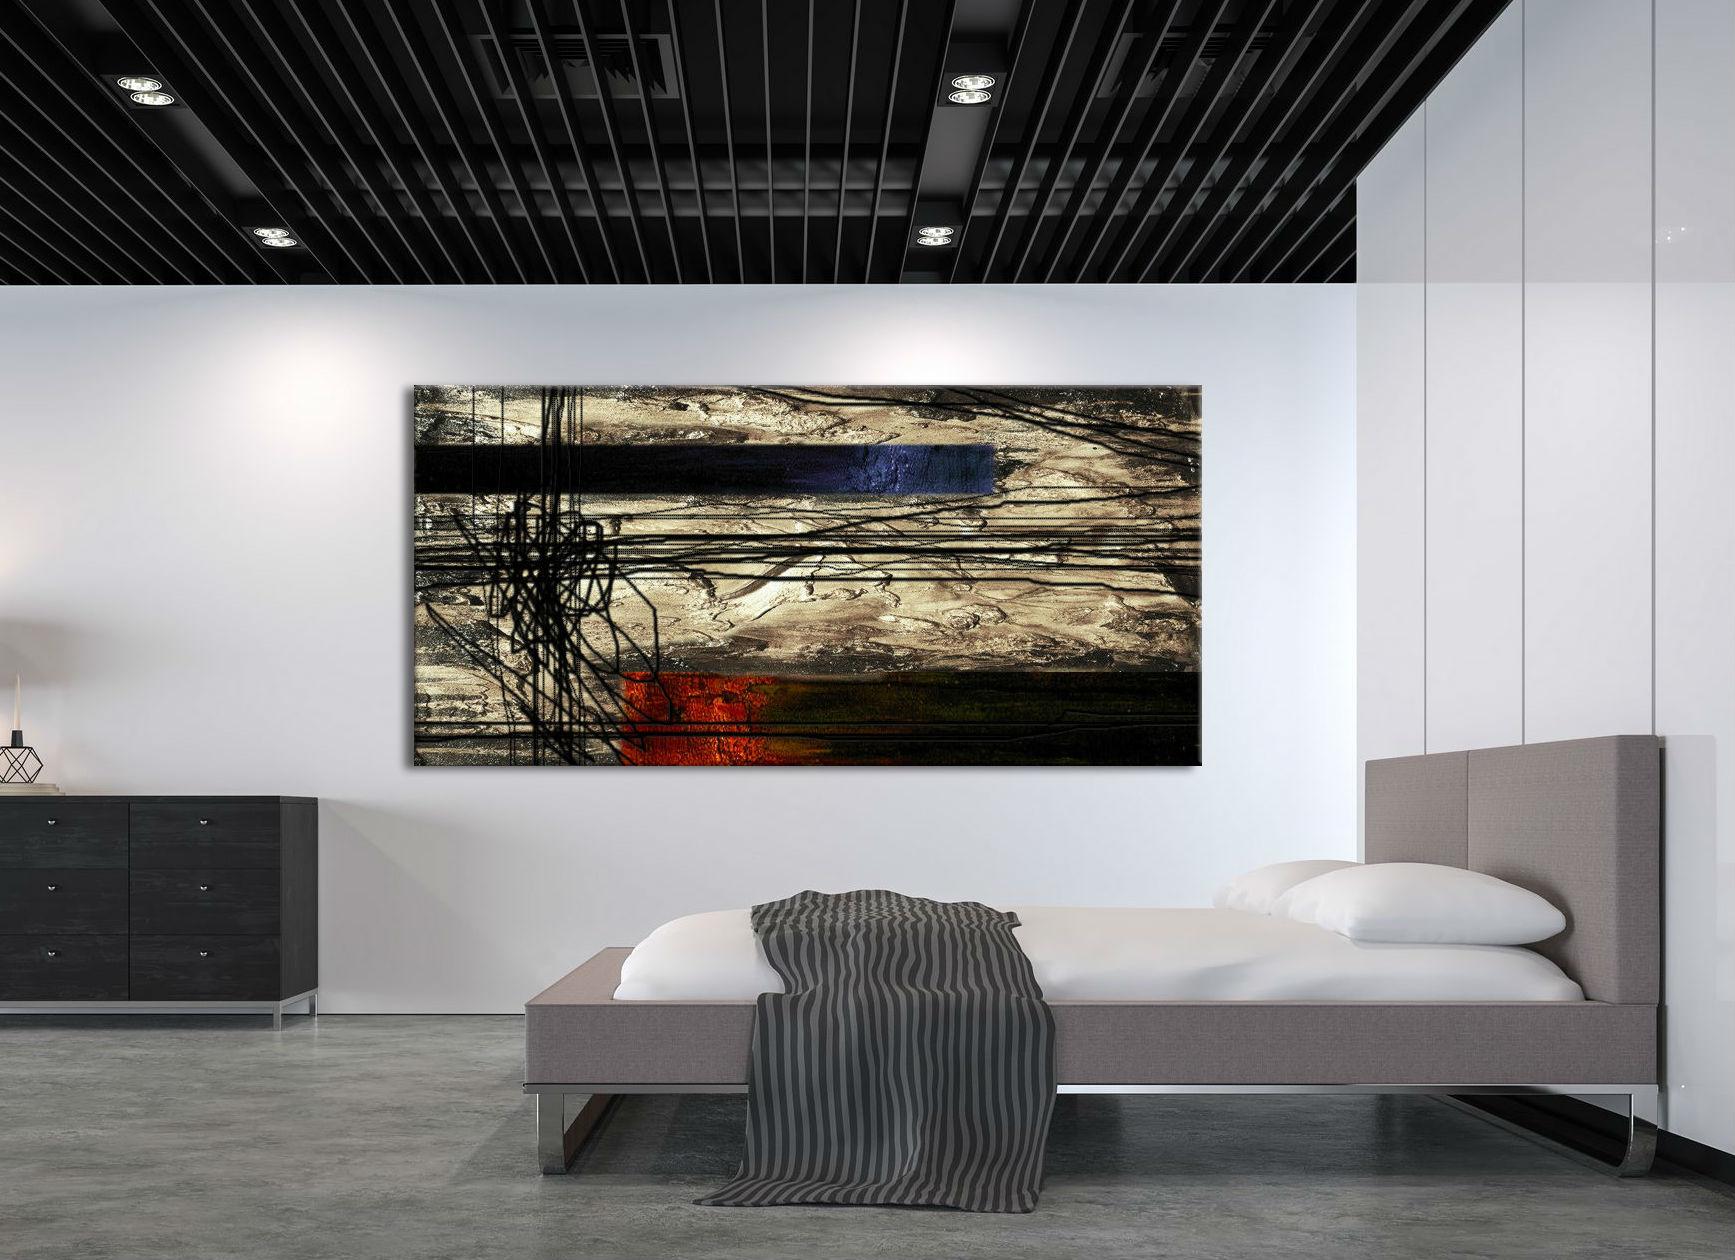 malowany wg współczesnych wytycznych obraz abstrakcyjny